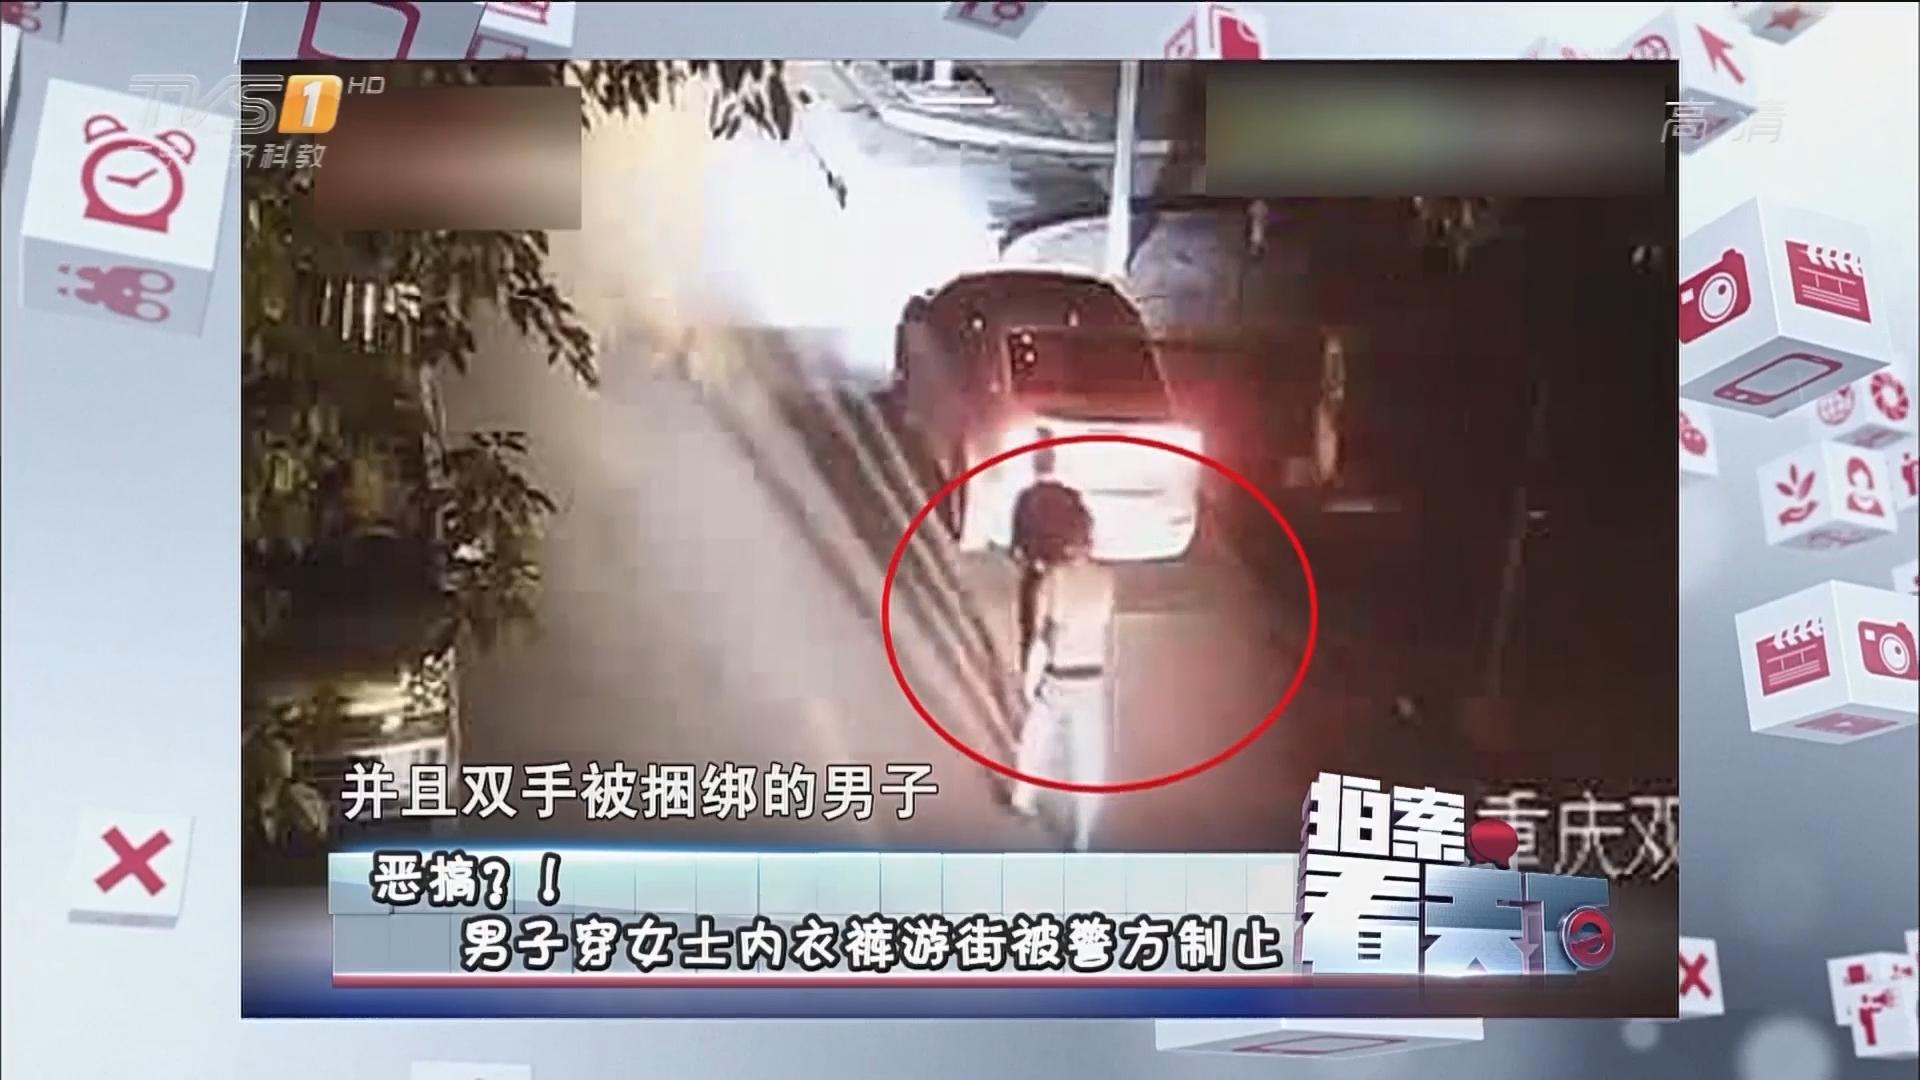 恶搞?!男子穿女士内衣裤游街被警方制止